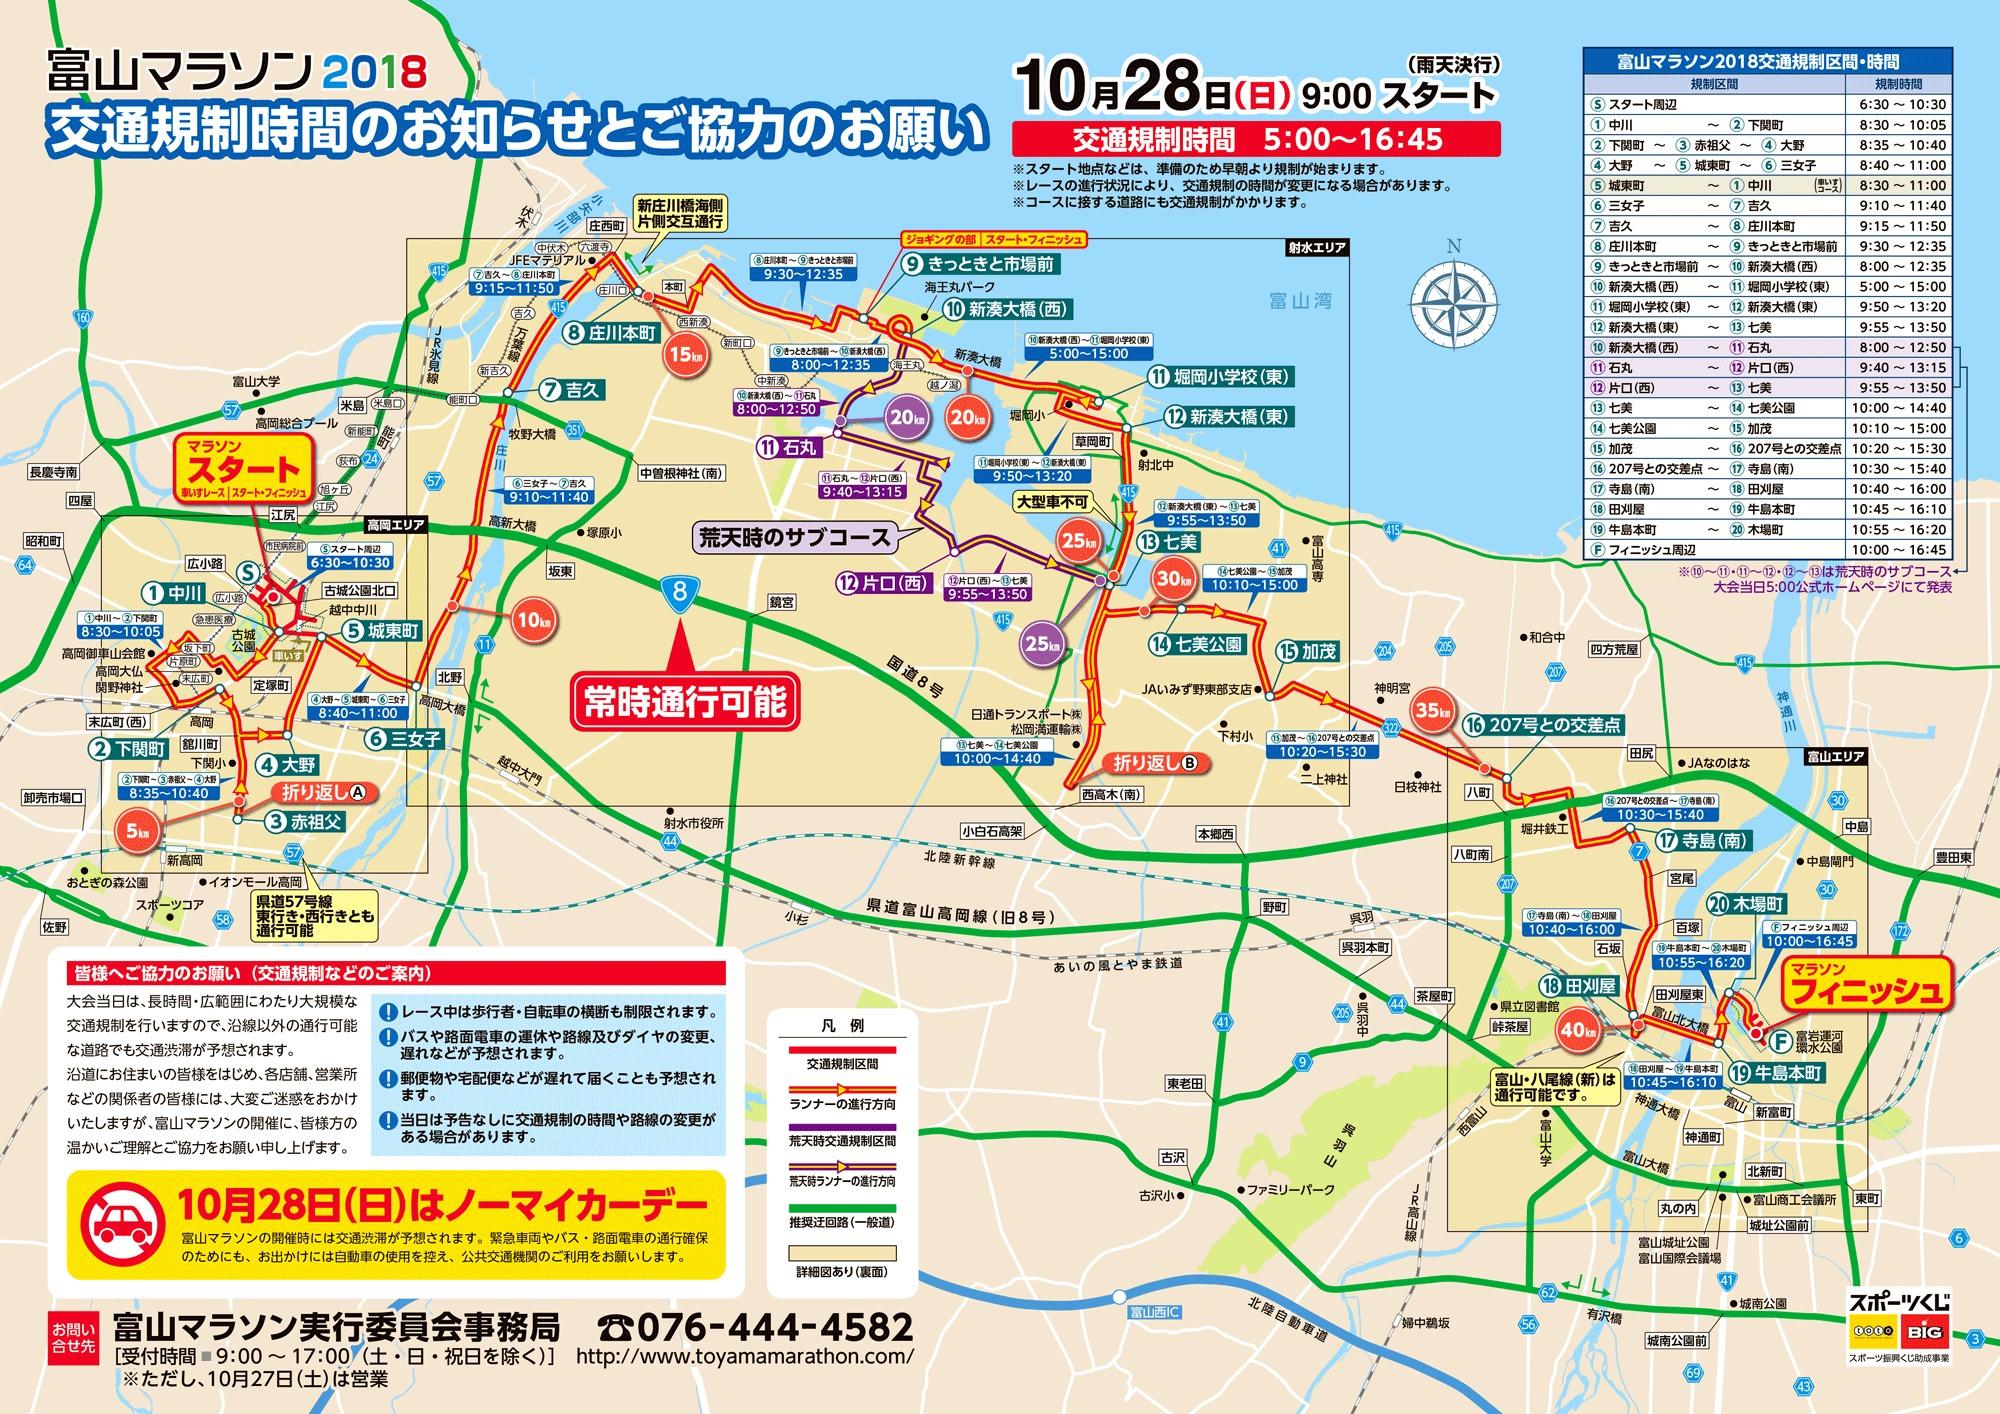 富山マラソン2018交通規制マップ(全体)